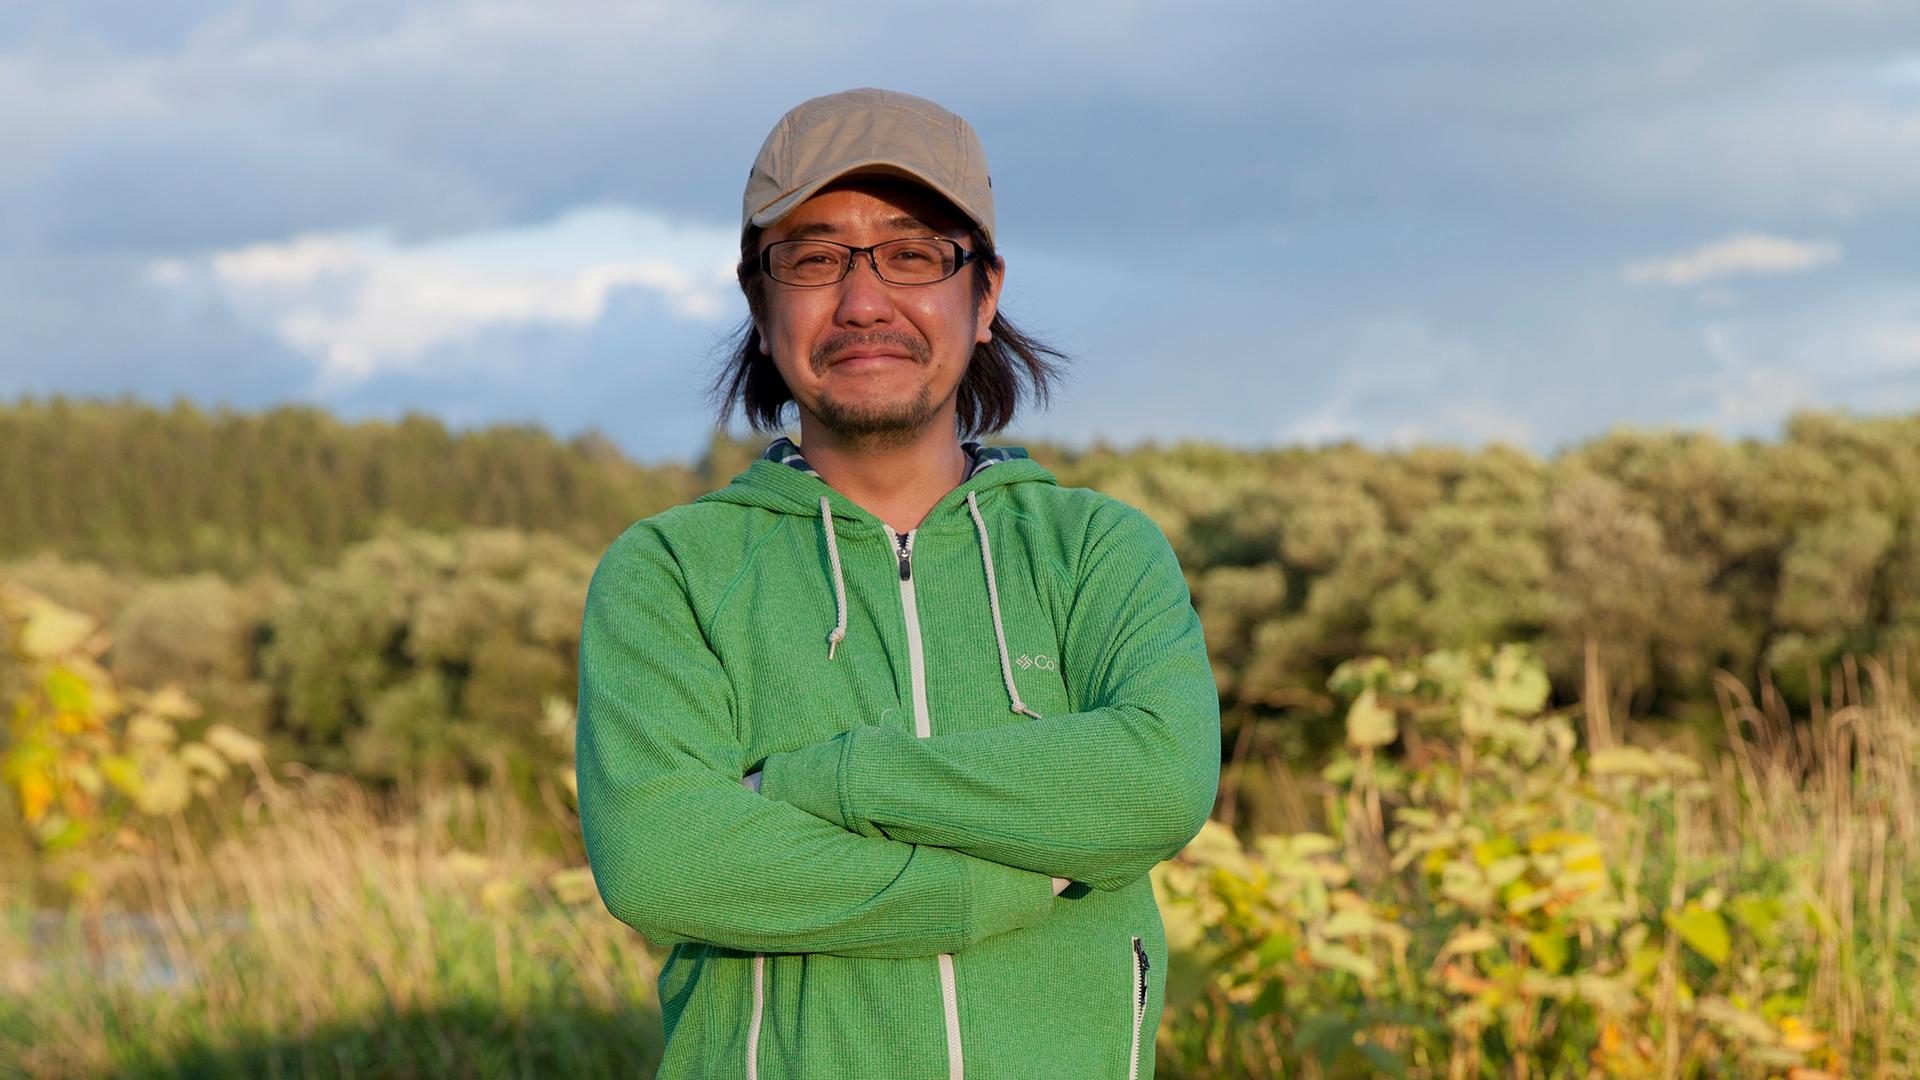 Tsuji Ryota